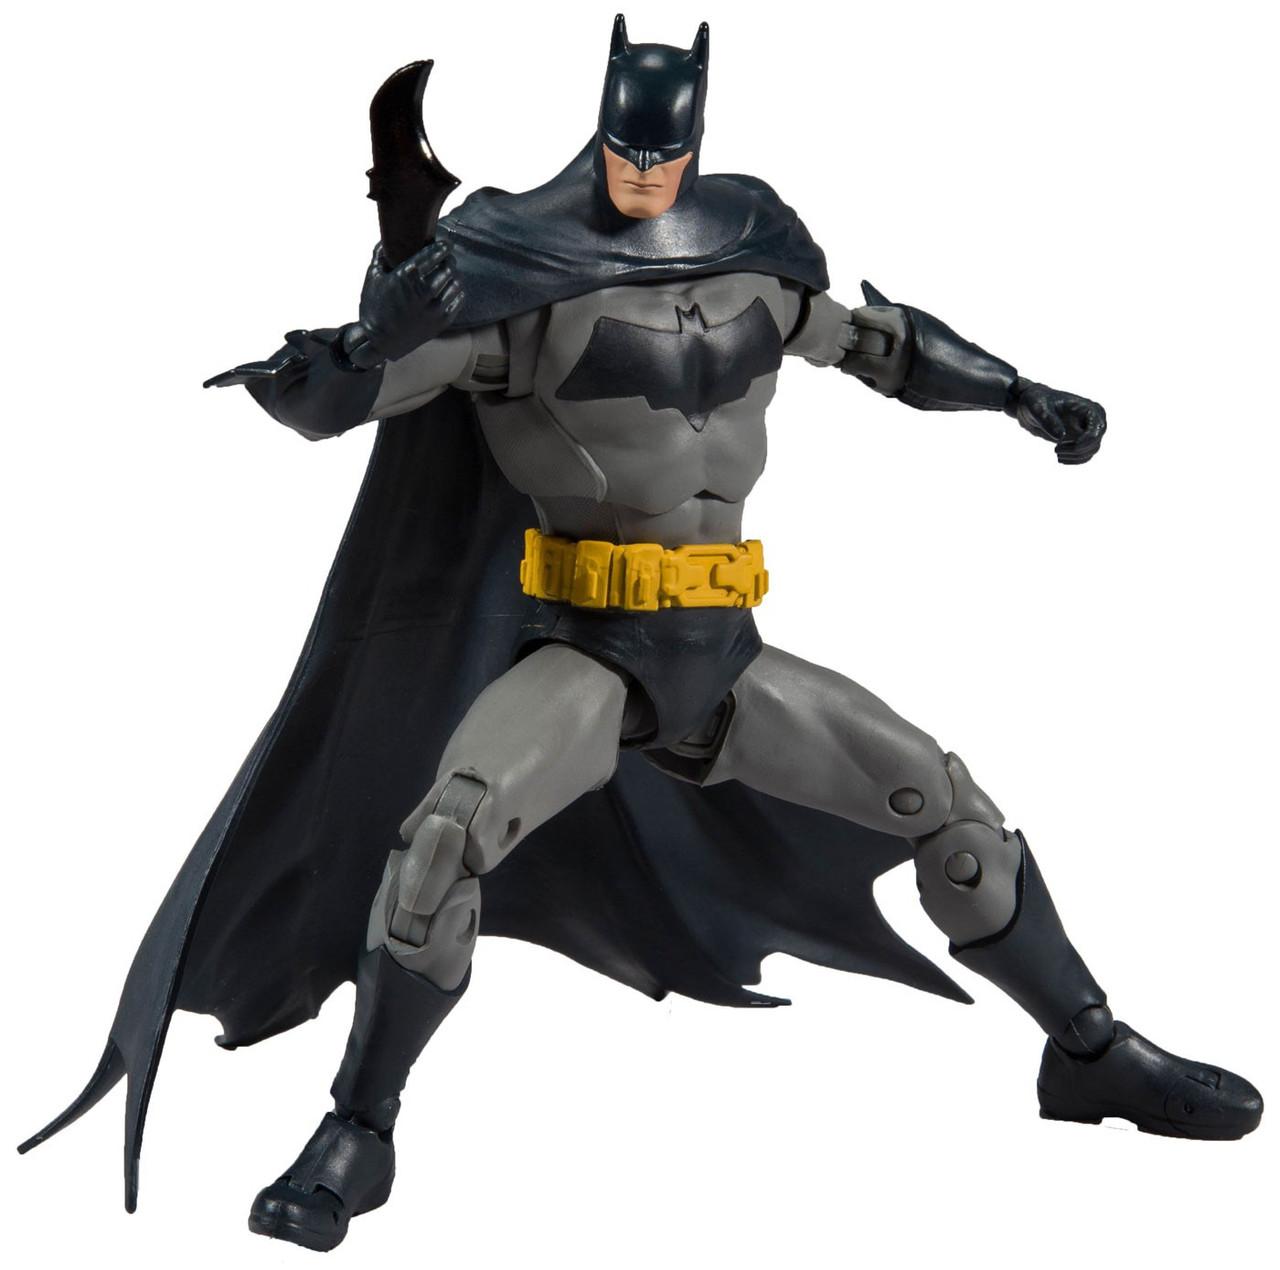 DC Multiverse Batman McFarlane Toys Detective Comics #1000 Action Figure